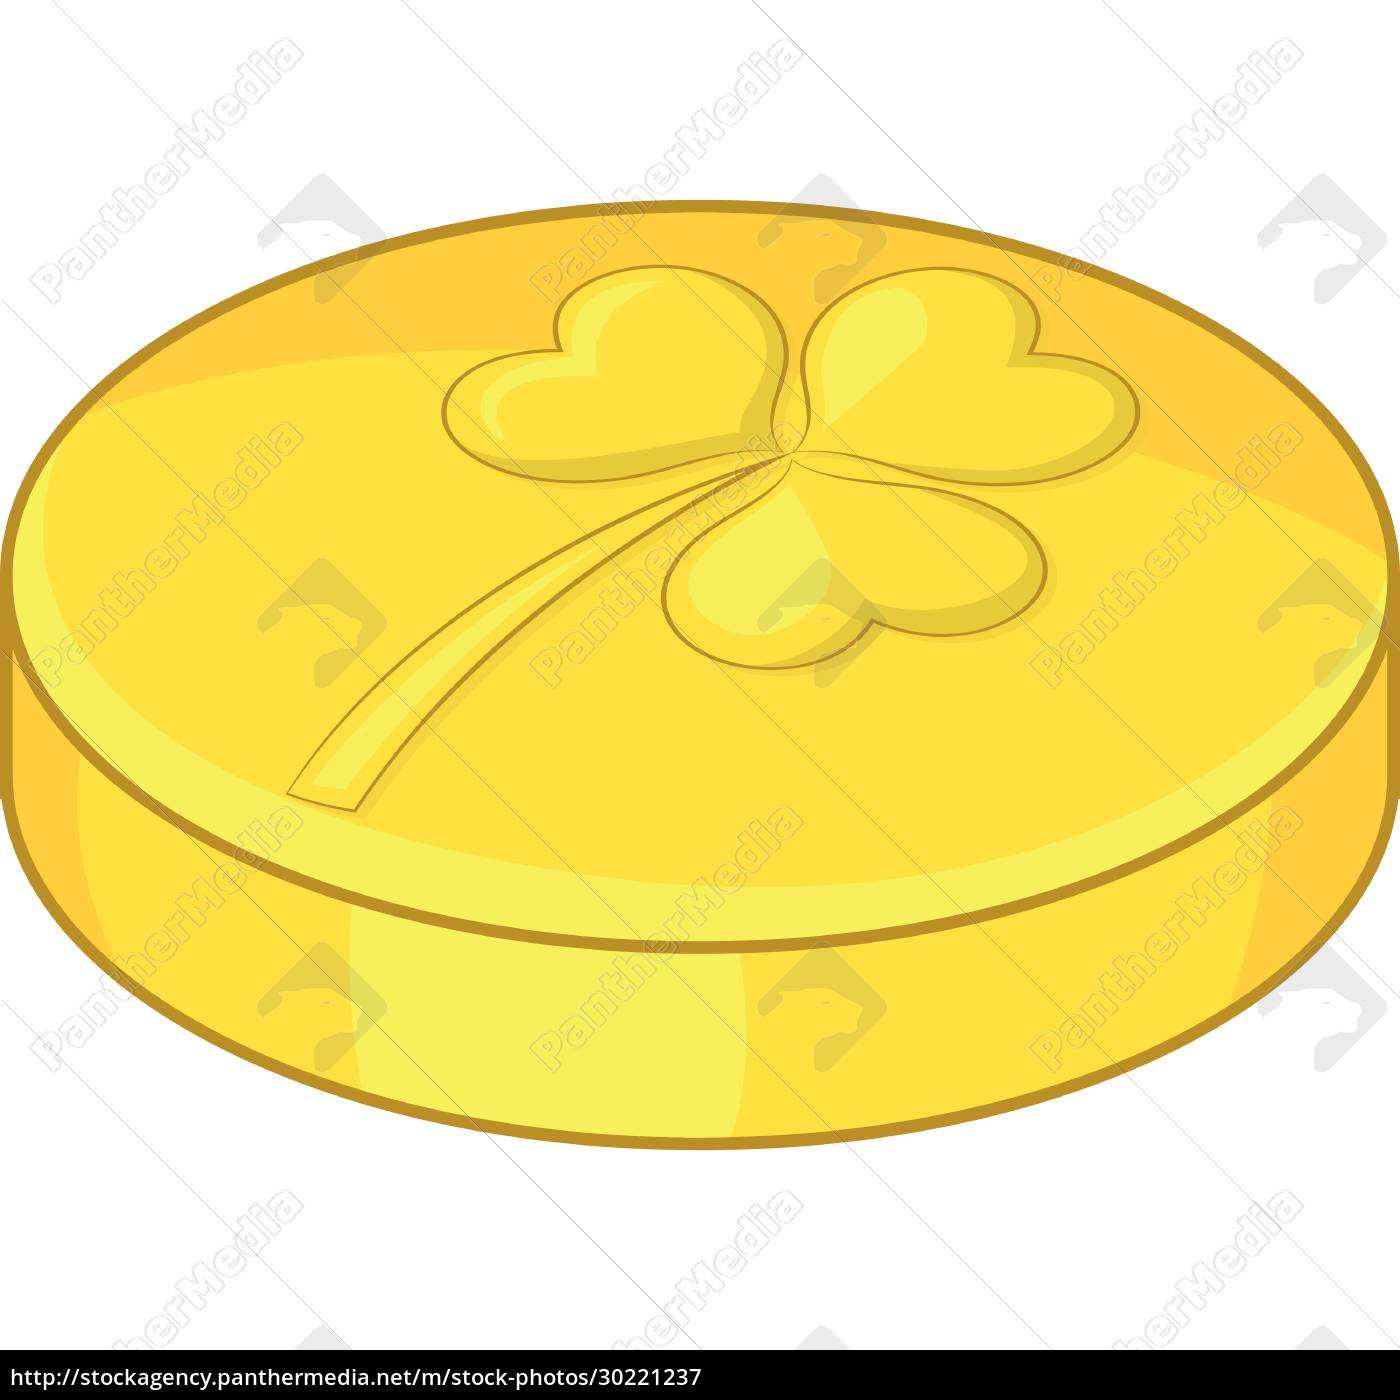 golden, coin, icon, , cartoon, style - 30221237